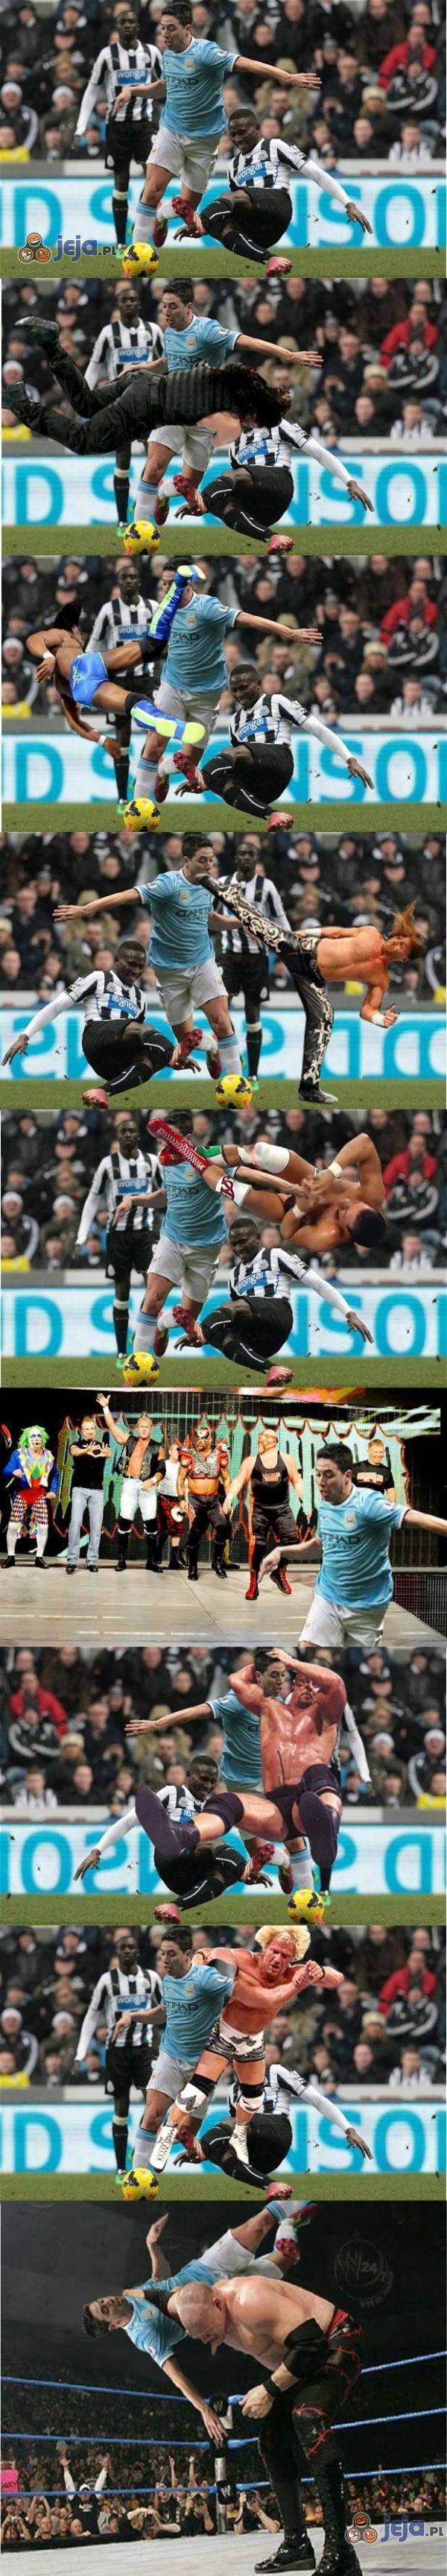 Wrestlerzy atakują!